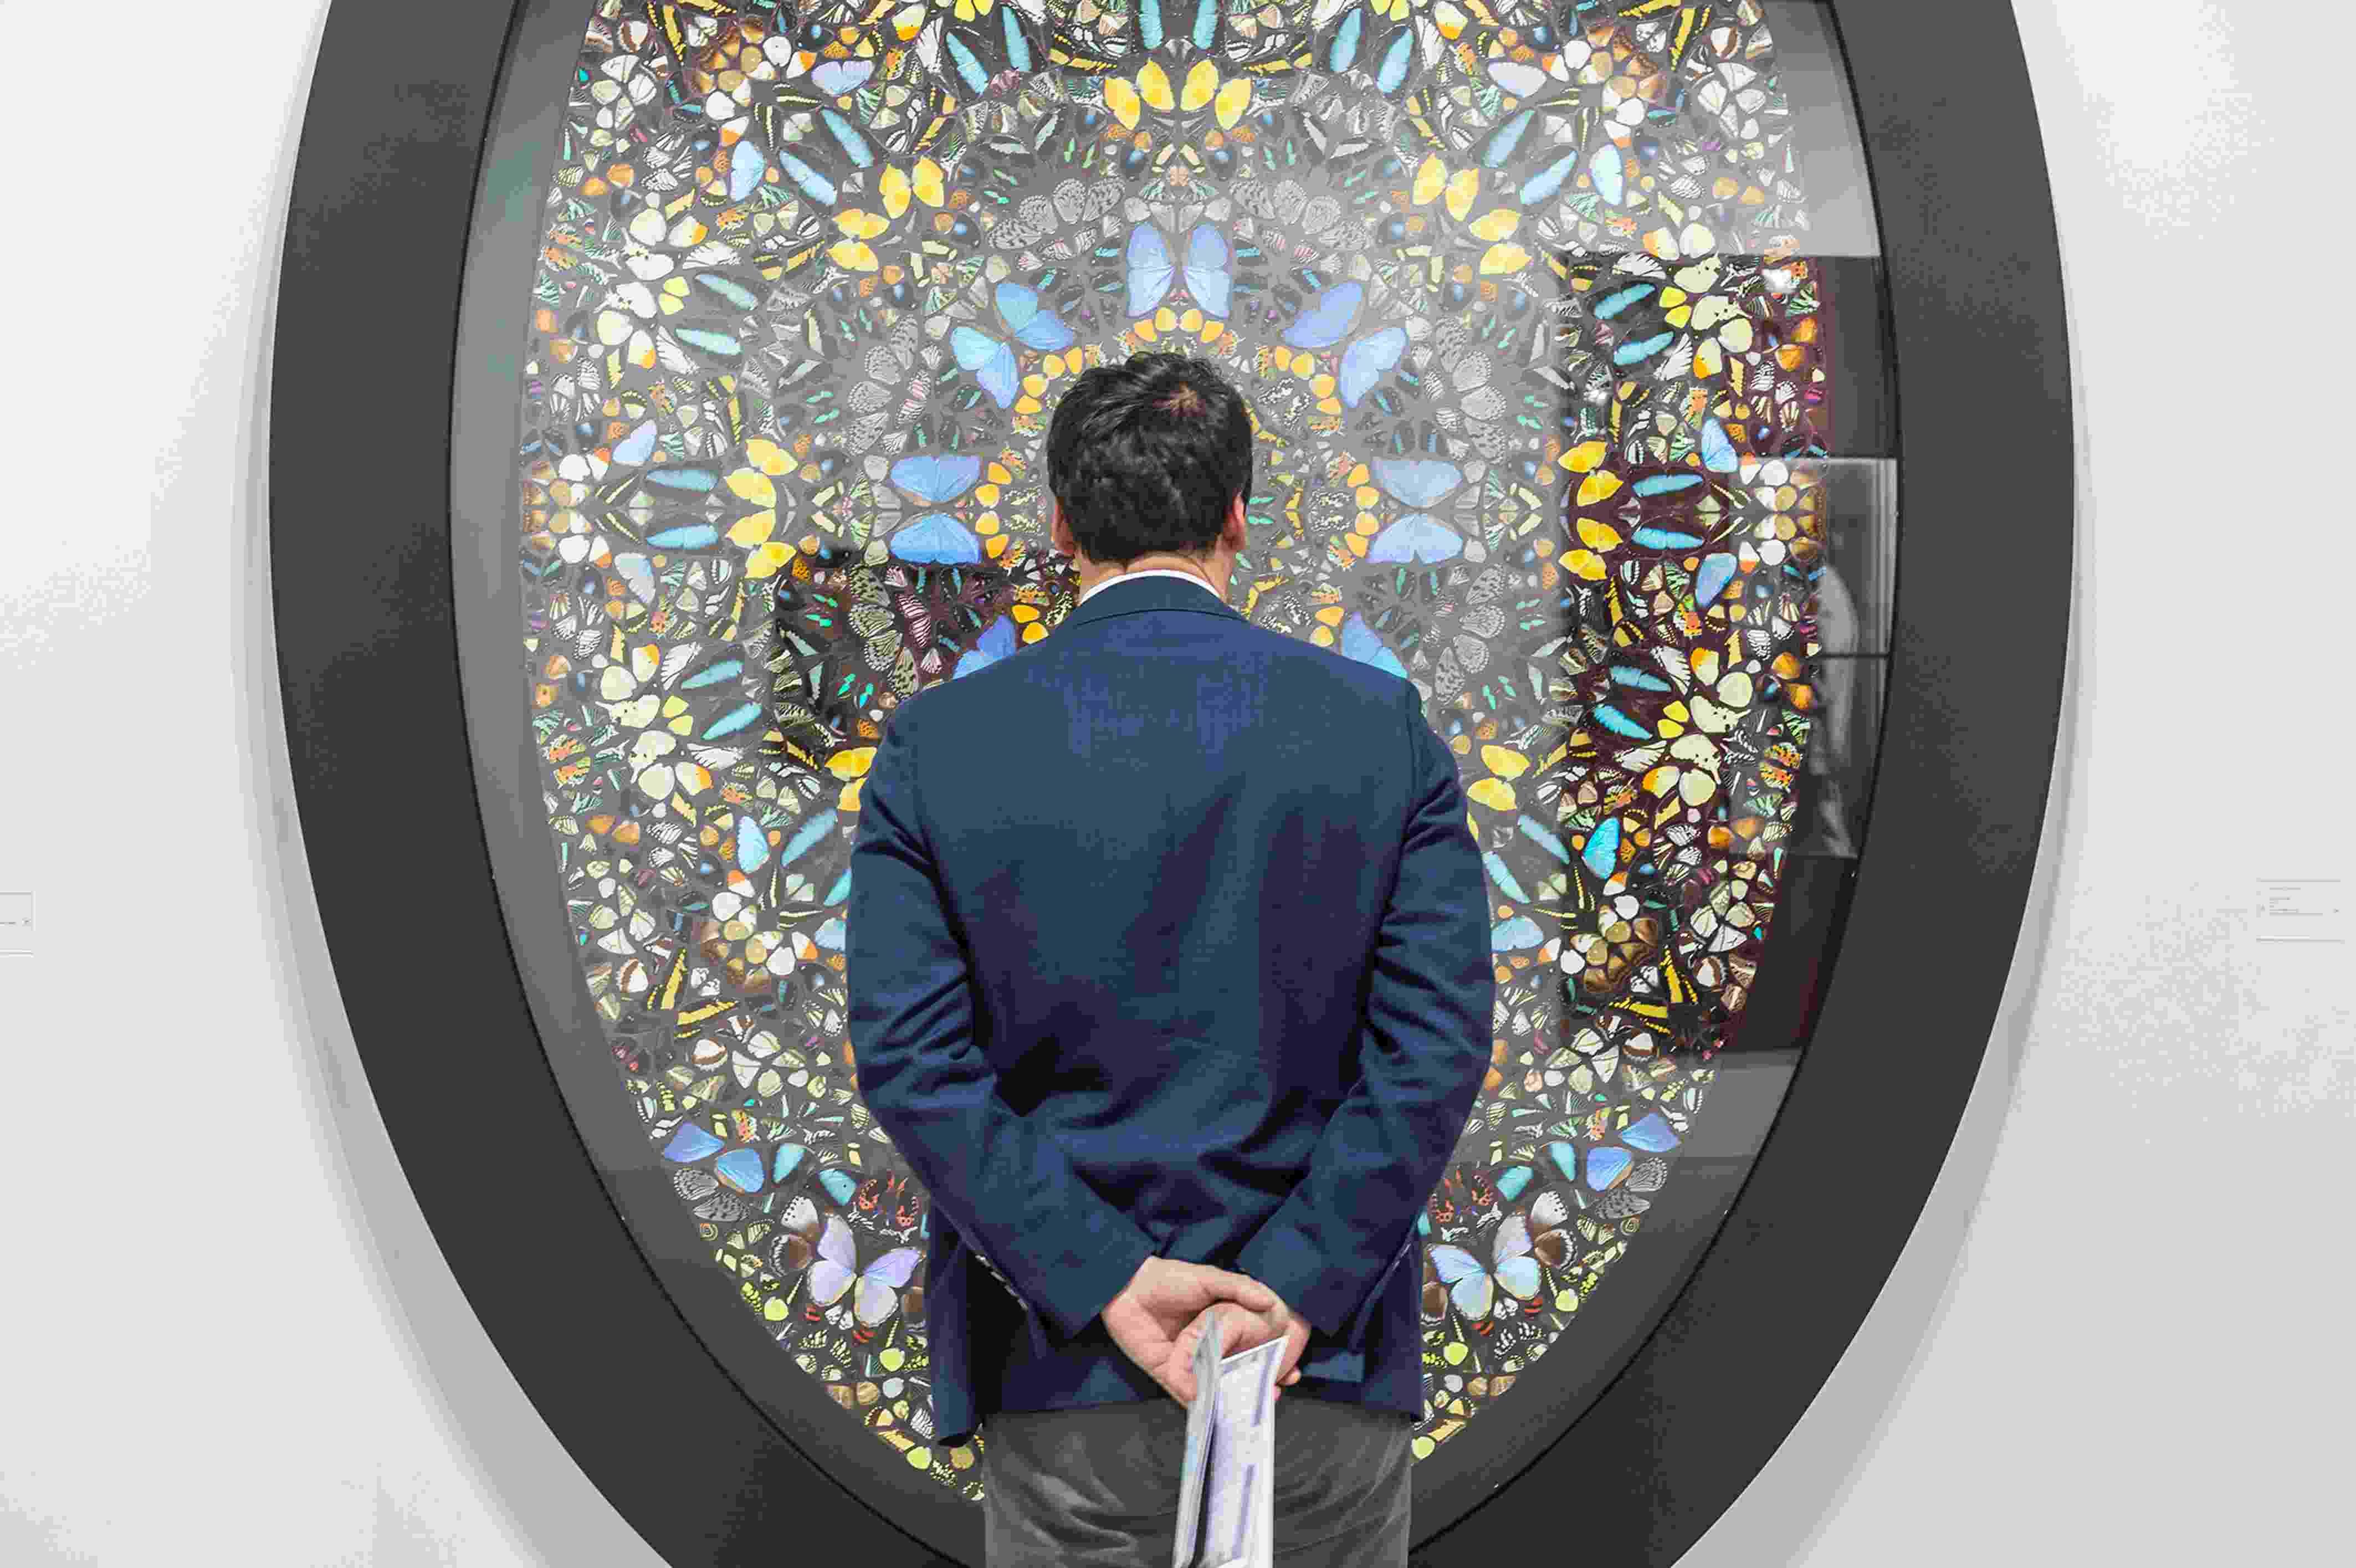 ARTBASEL2015 MEG 11 025 compressed - Art Basel, grand-messe de l'art contemporain